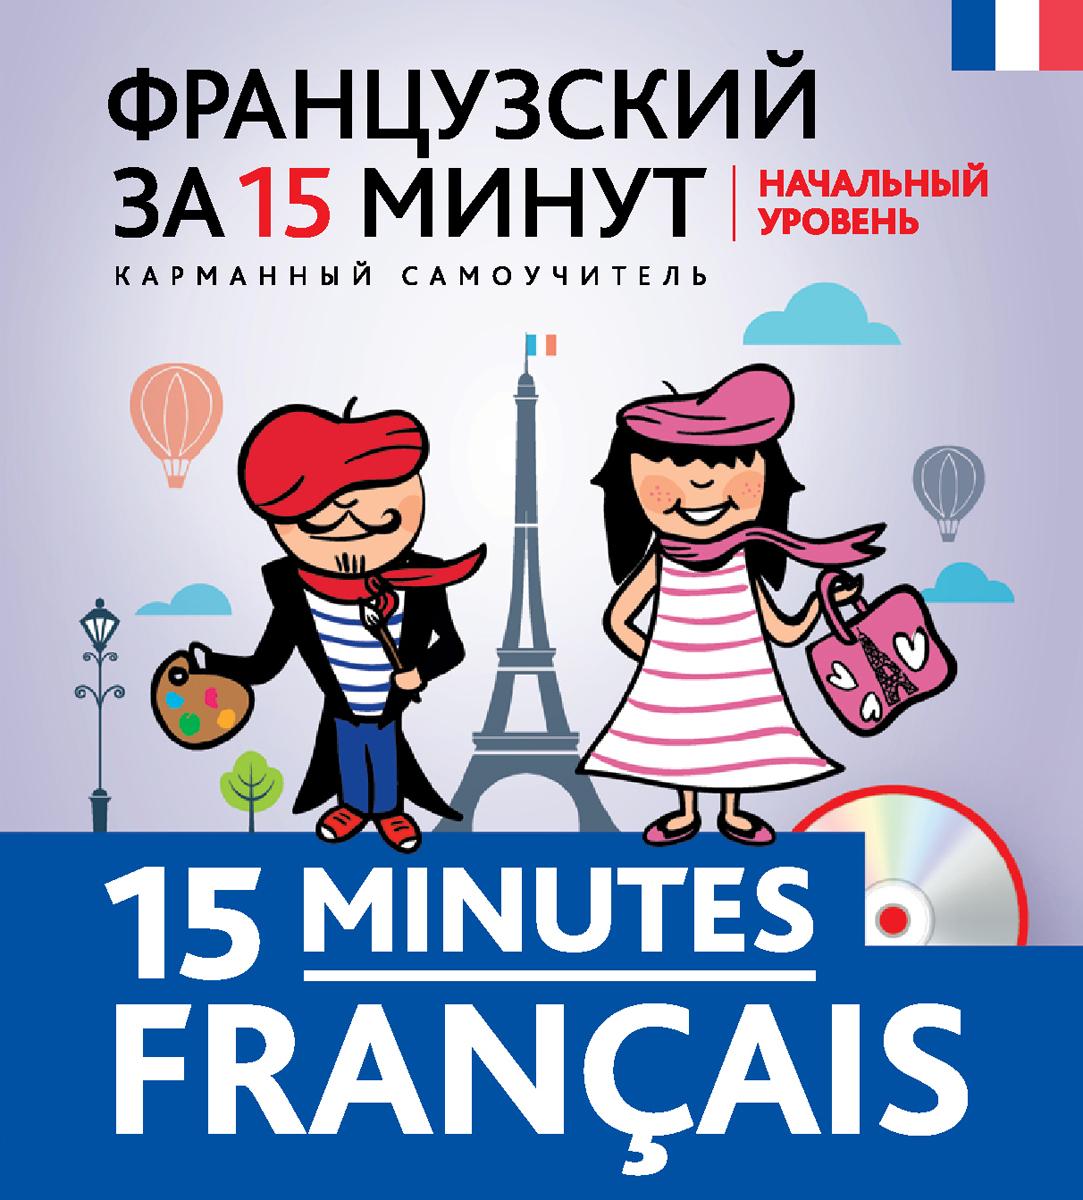 Французский за 15 минут. Начальный уровень / 15 minutes francais (+ CD).